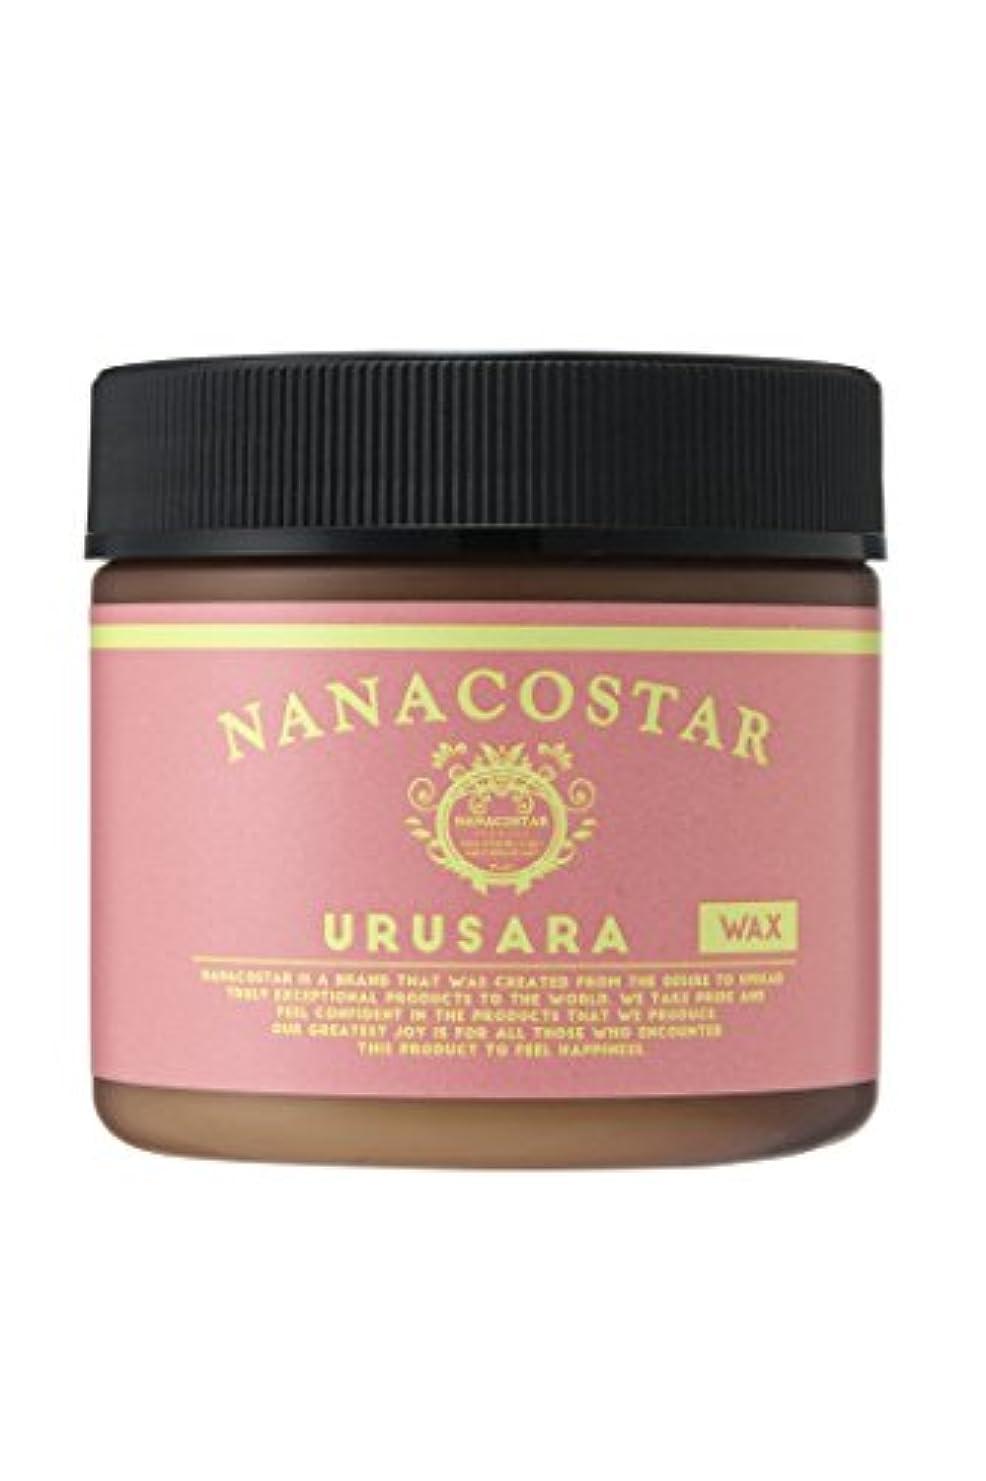 ナナコスター [NANACOSTAR] ウルサラワックス URUSARA WAX 75g